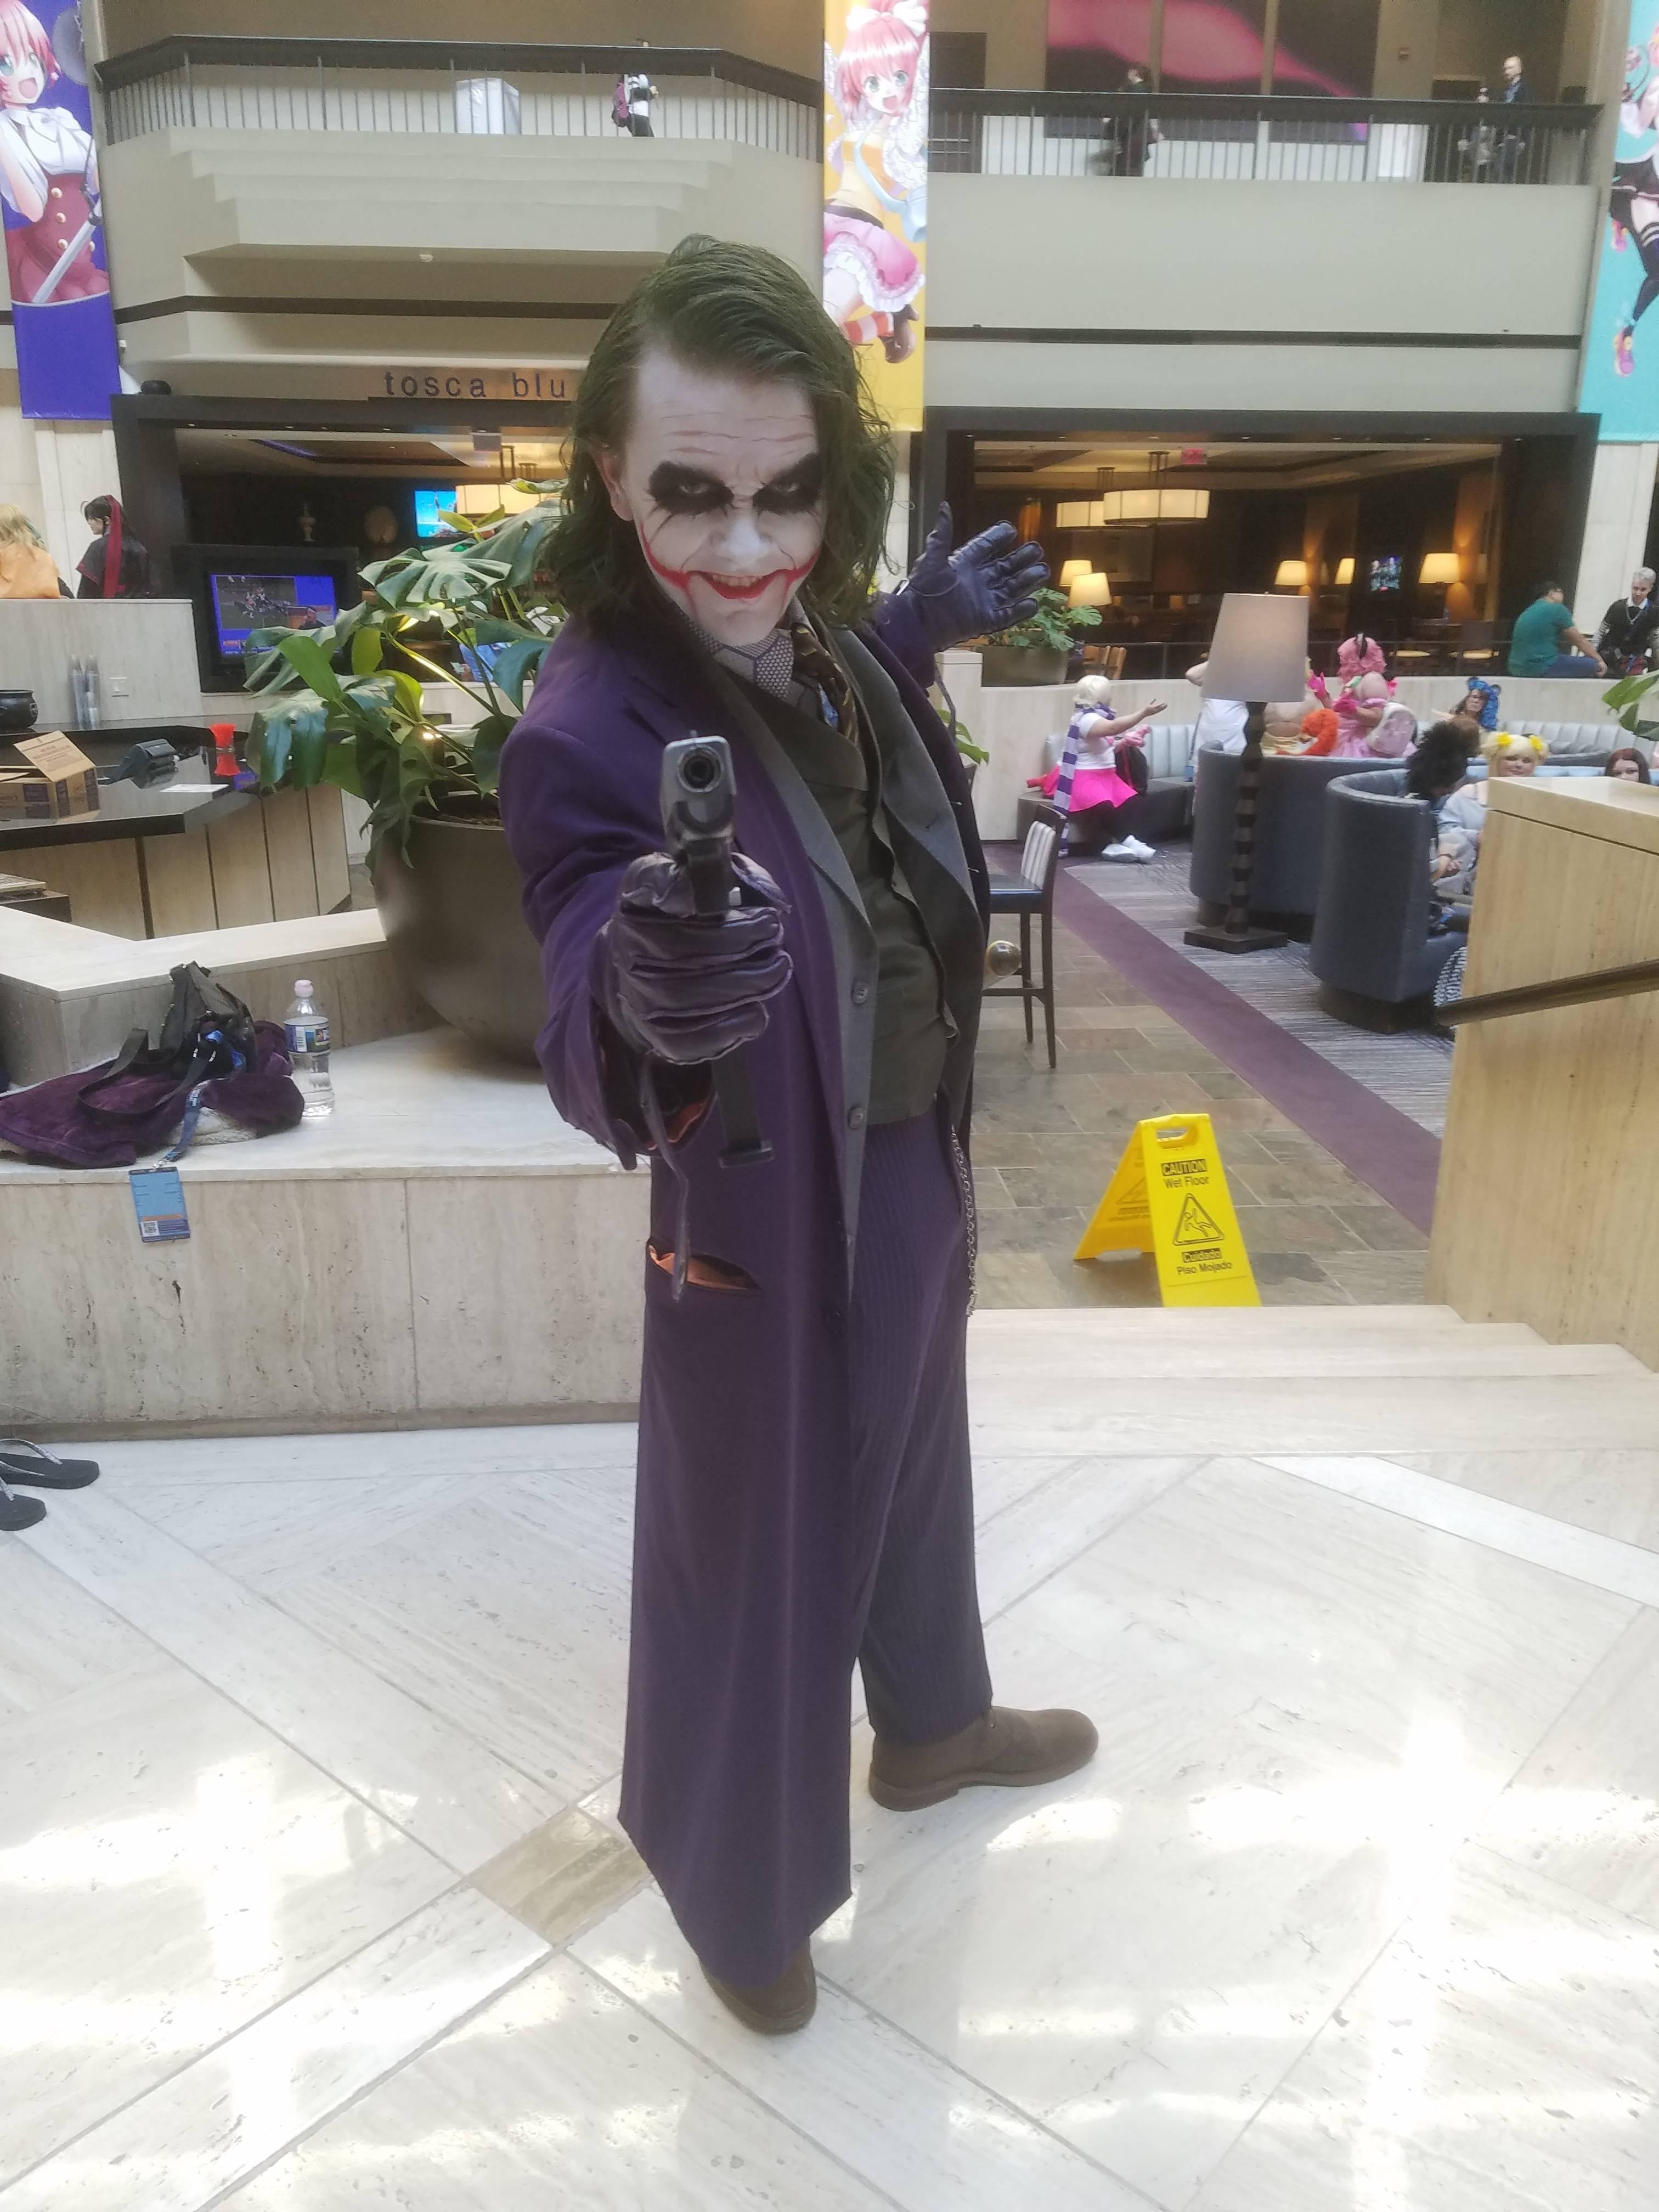 Joker (Heathe Ledger)